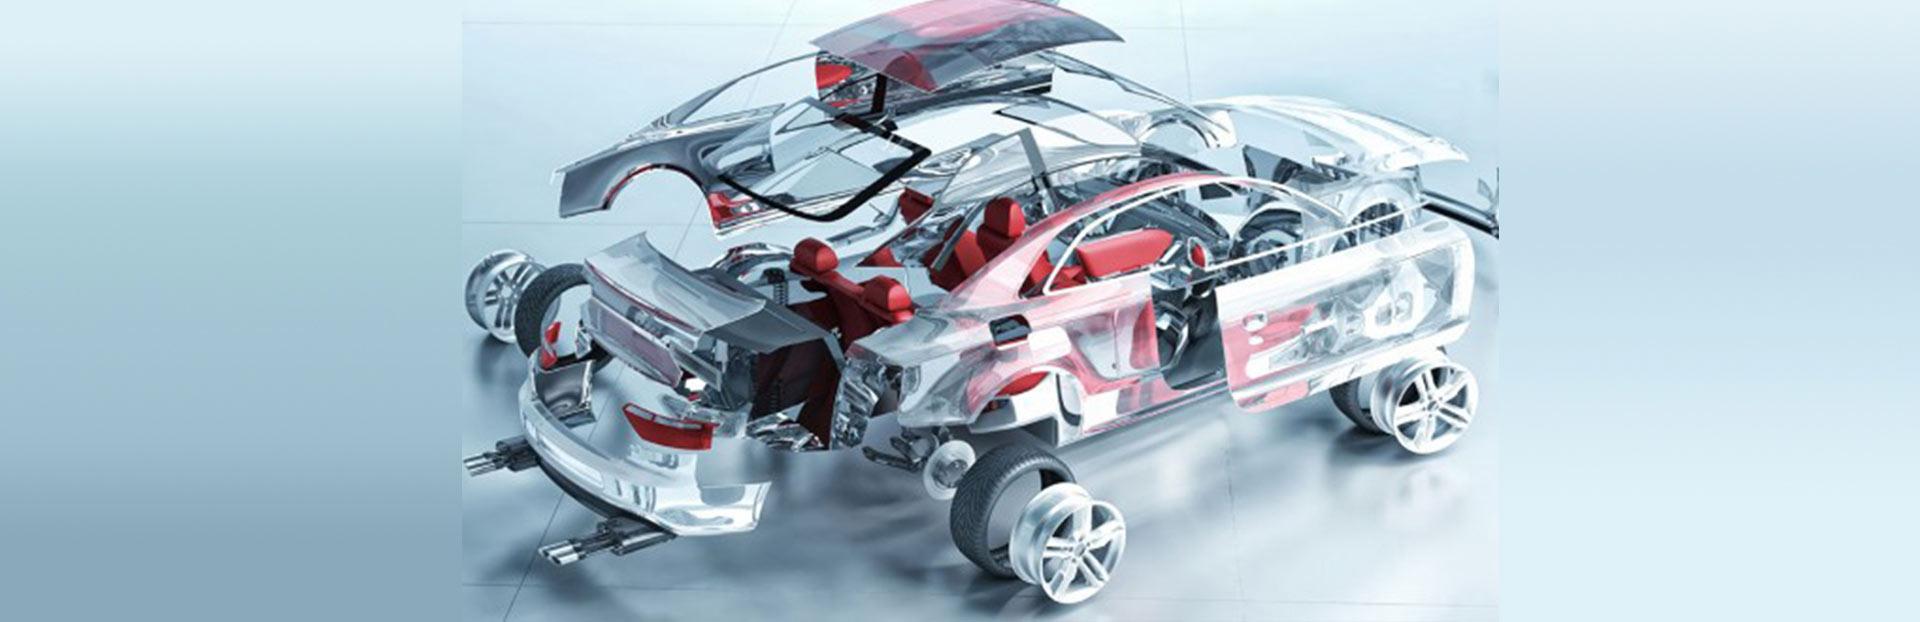 شرکت ژاپنی سازنده قطعات خودرو دنسو Denso